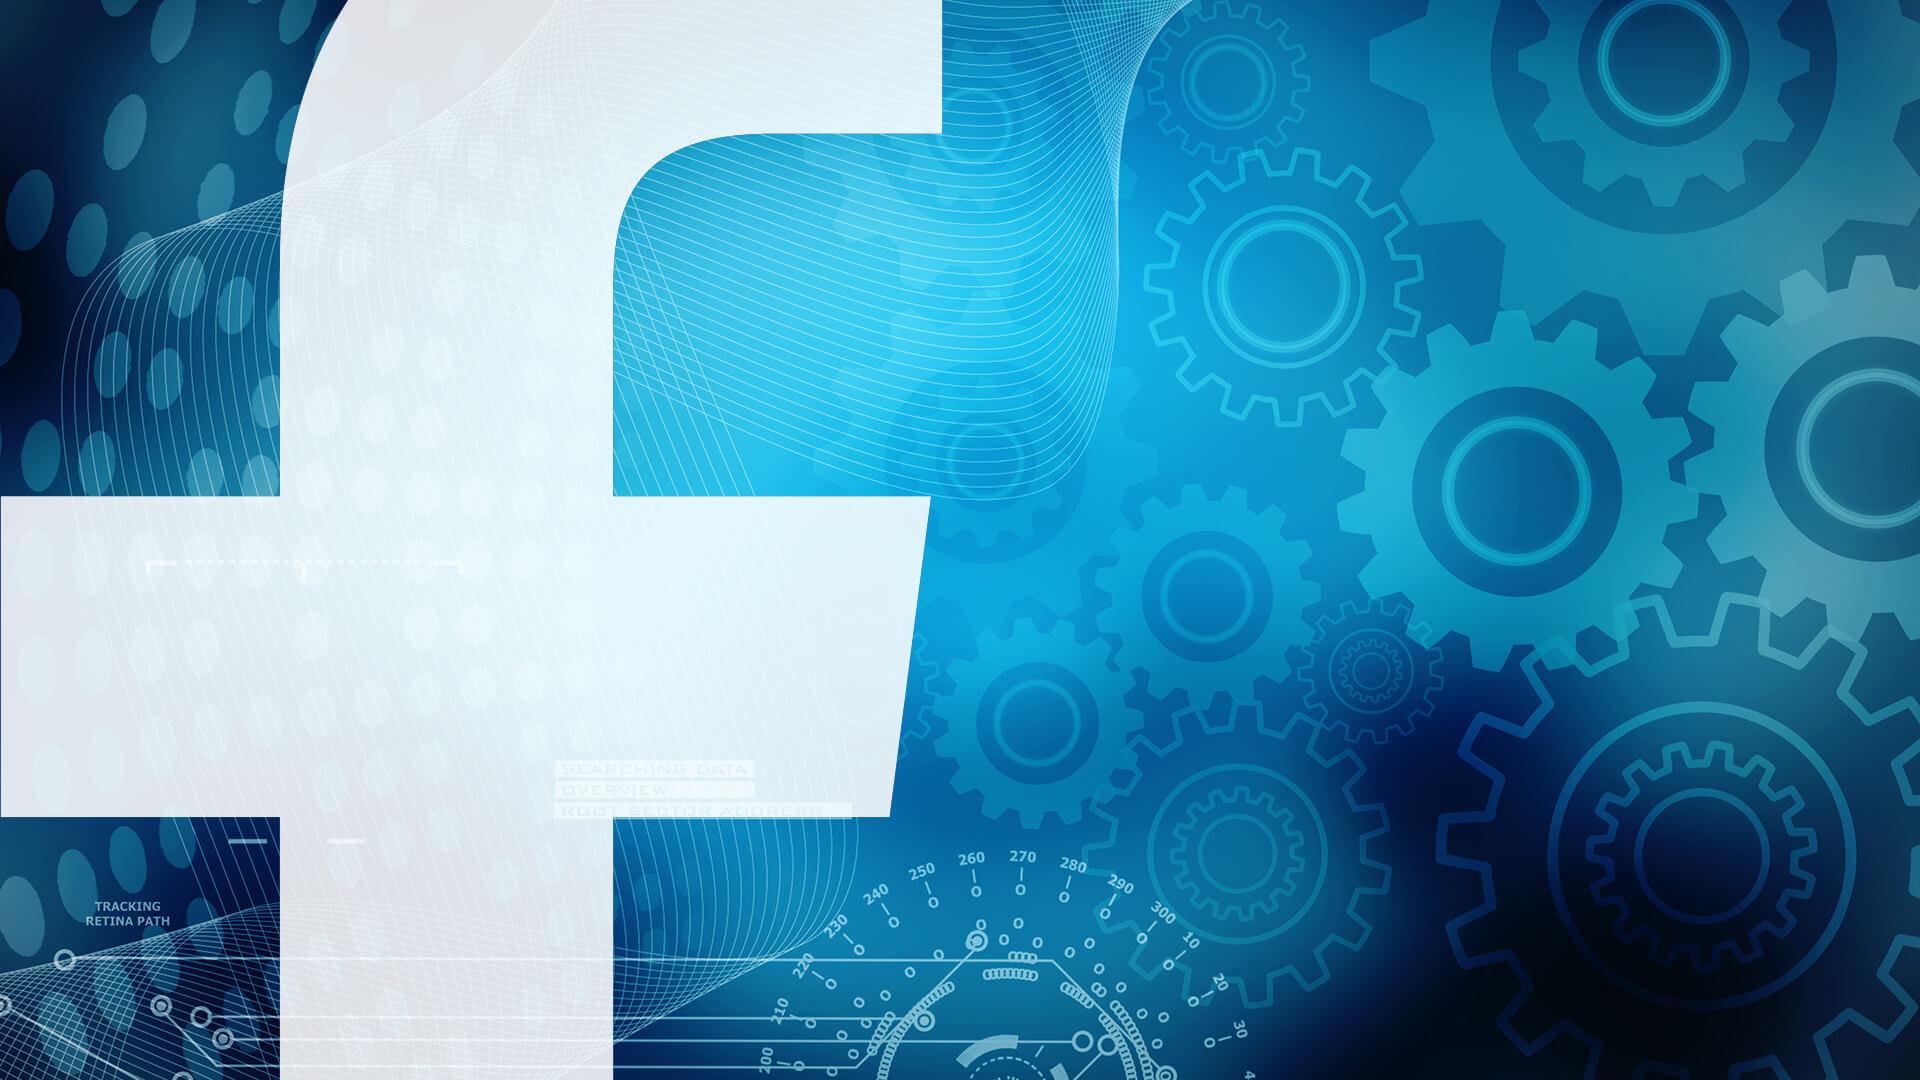 Из-за проблемы «посмотреть как» пострадали 30 000 000 пользователей Facebook